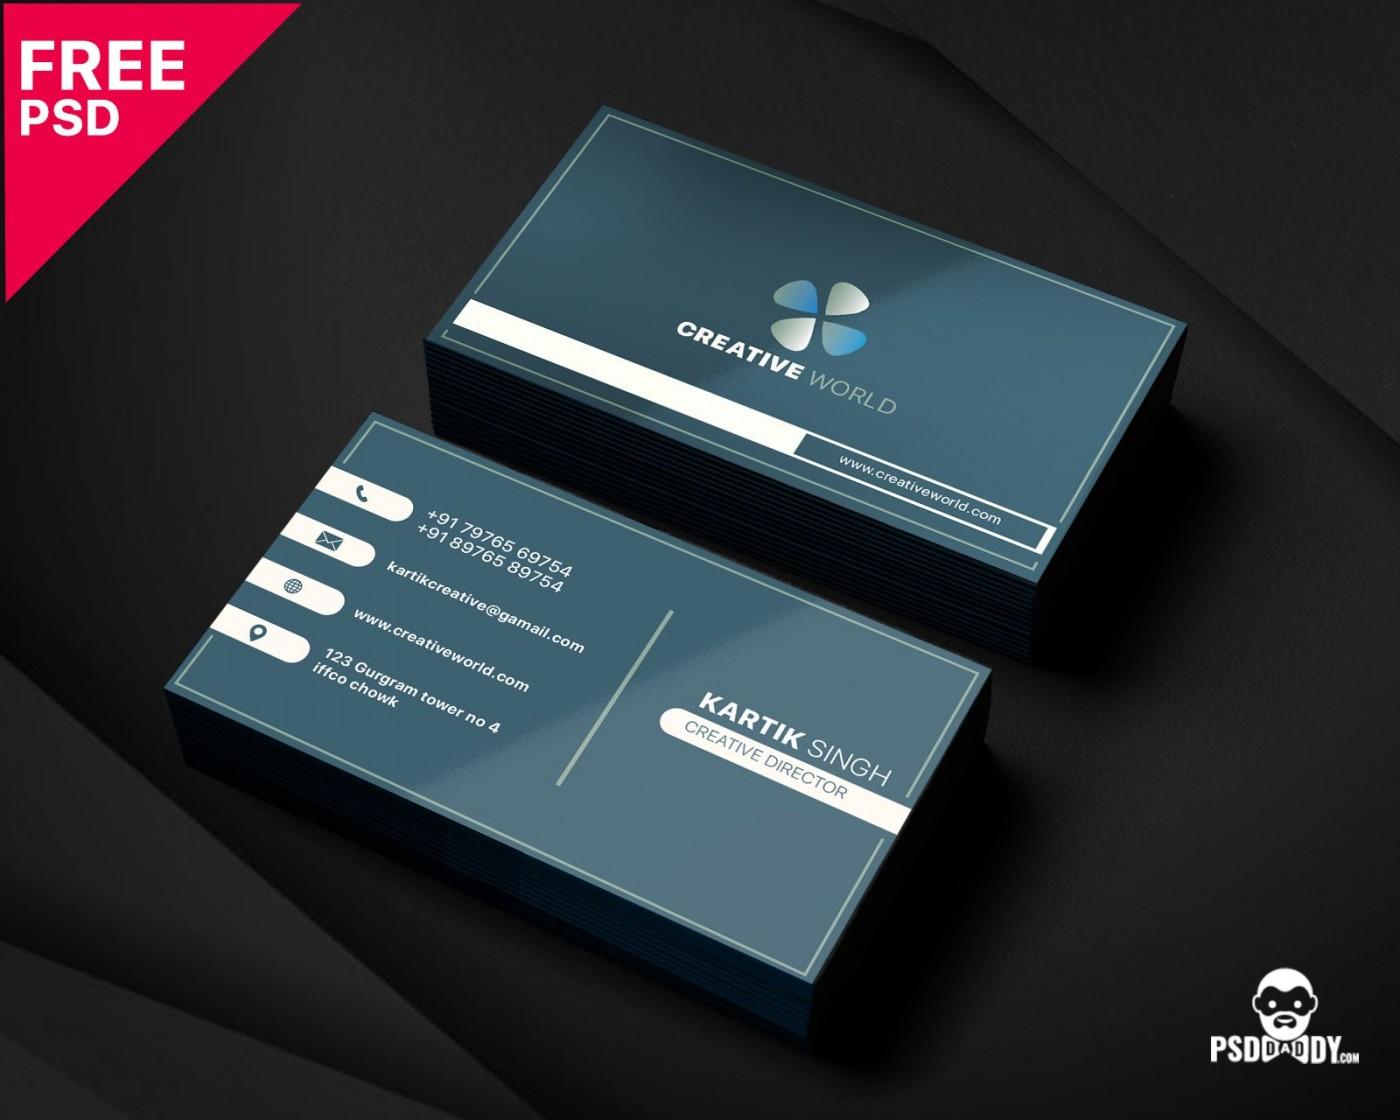 005 Unbelievable Simple Busines Card Template Psd Idea  Design In Photoshop Minimalist Free1400